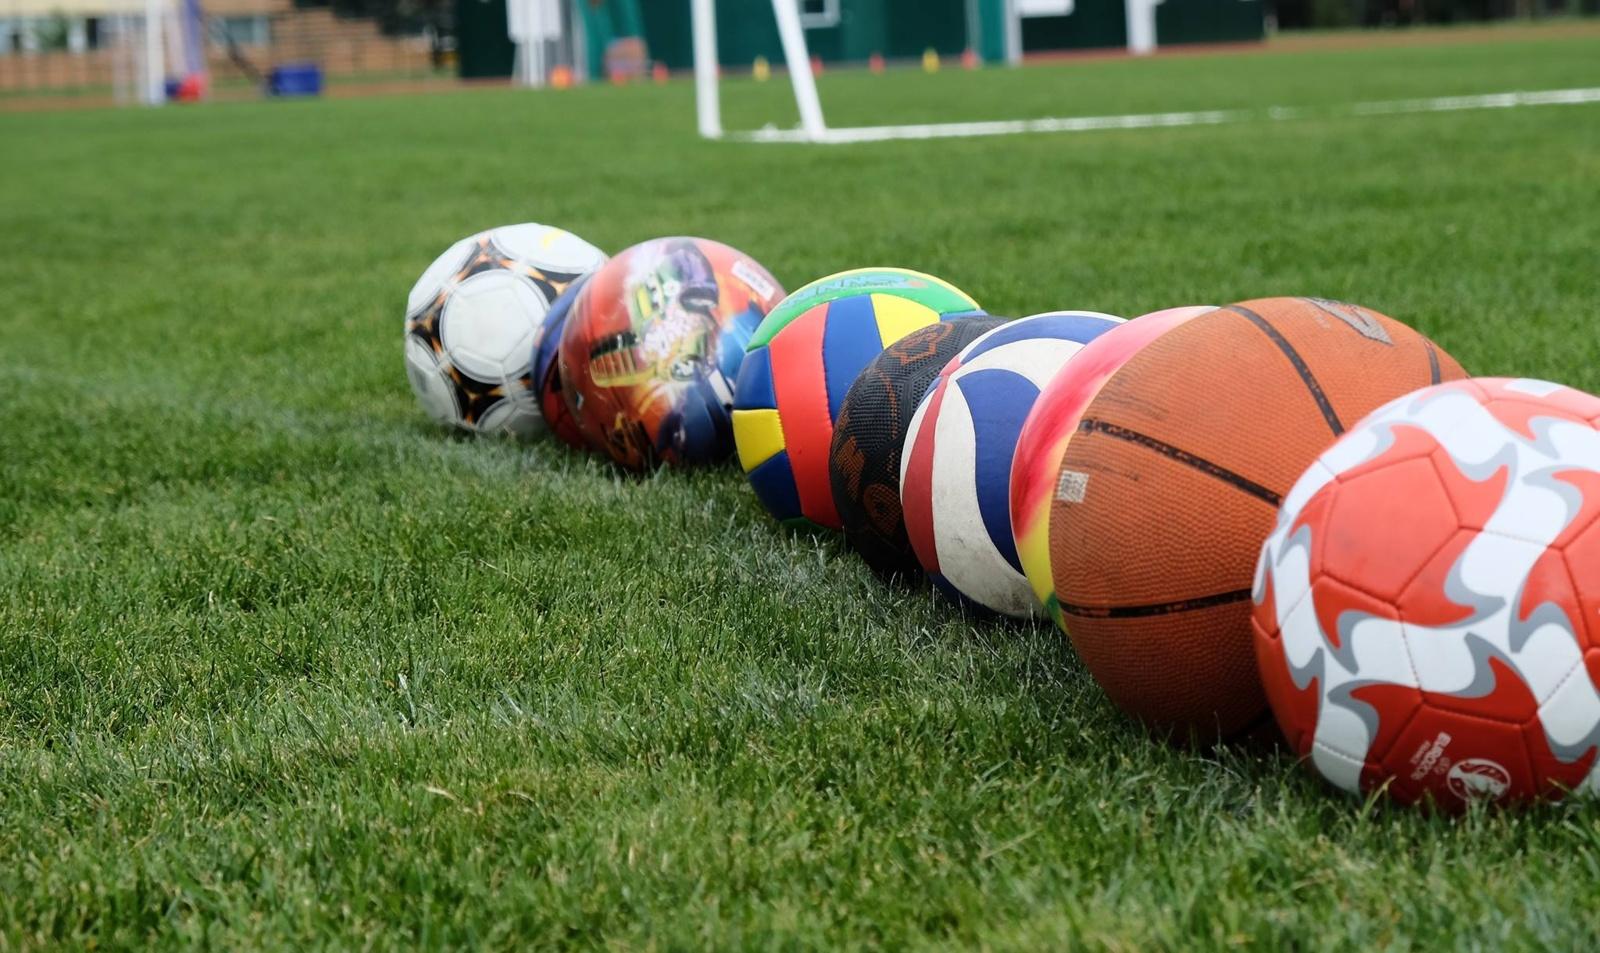 Varėniškiai kviečiami į sportininkų pagerbimo šventę